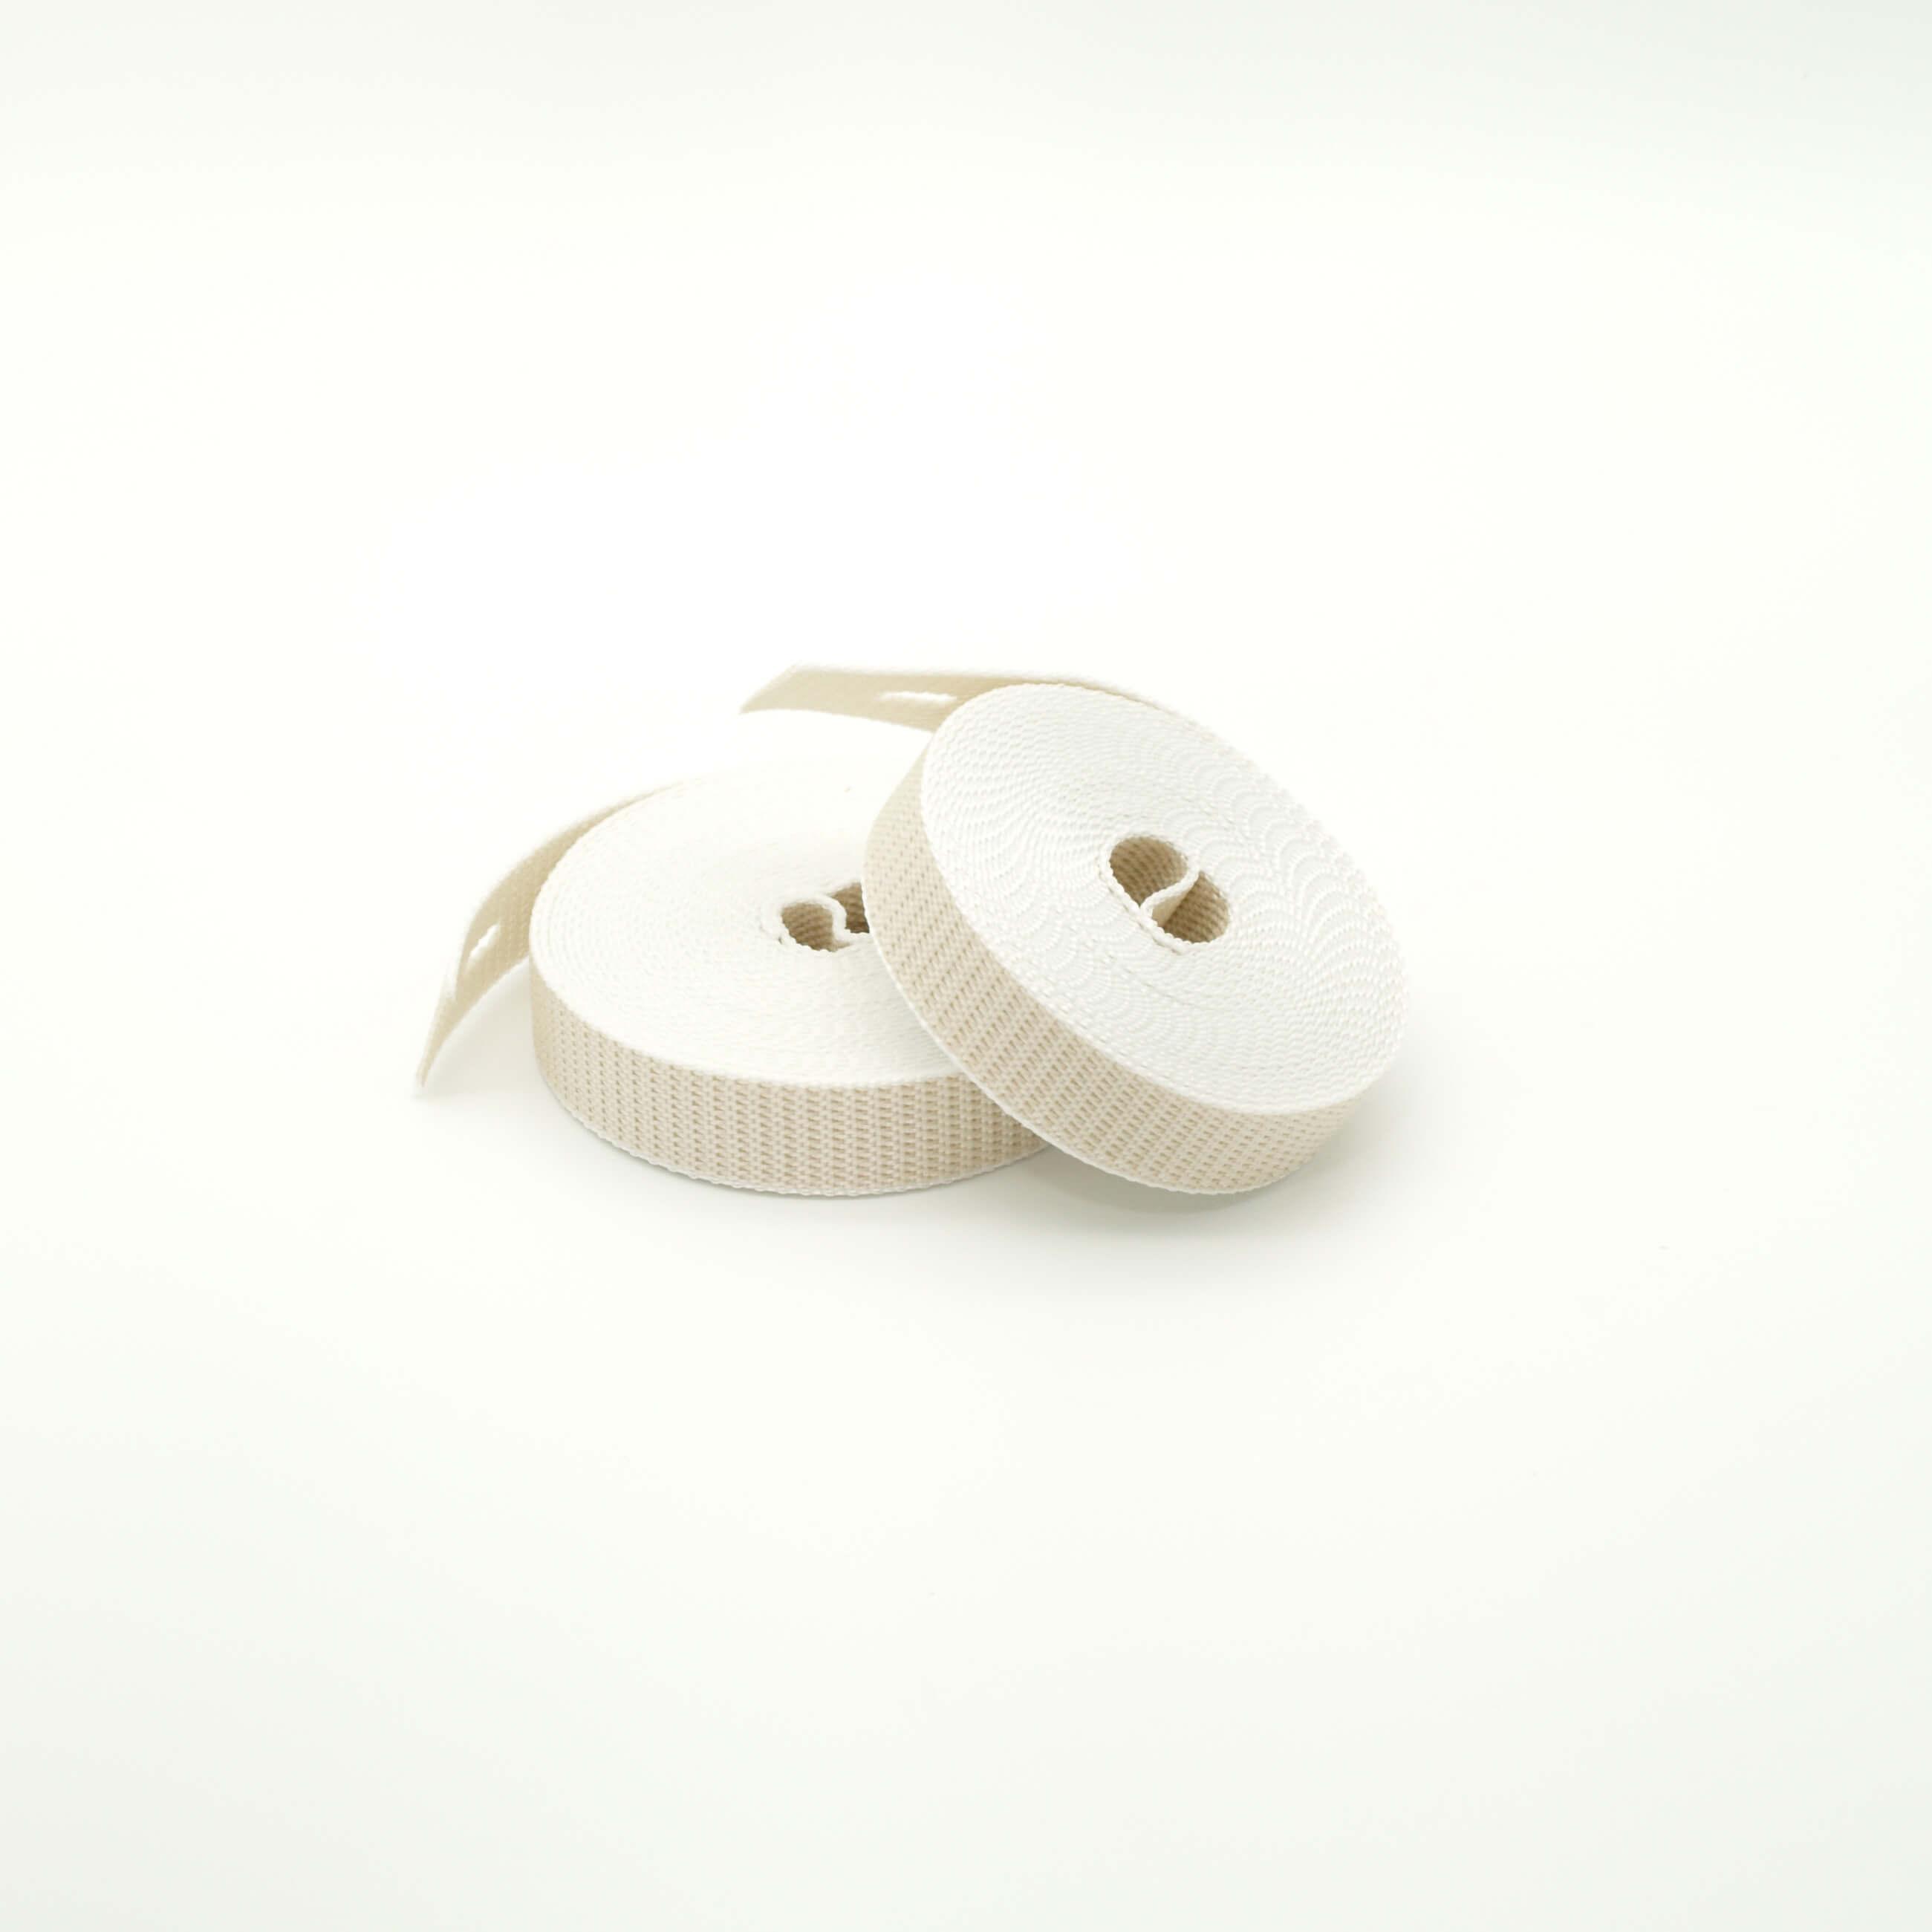 Rollladen Gurtband